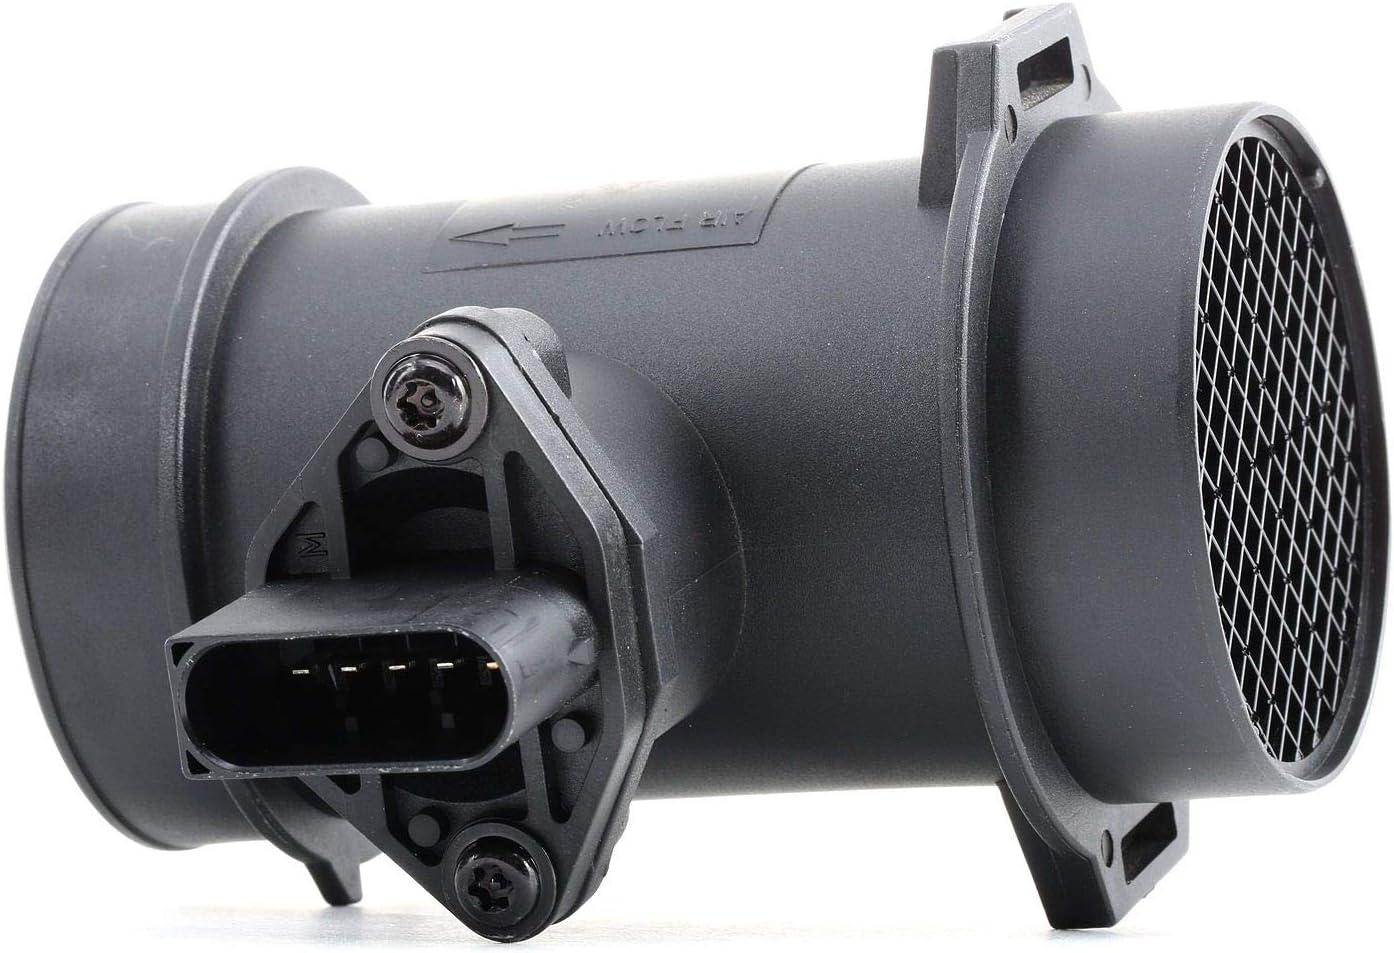 Autlog Lm1020 Luftmassenmesser Luftmengenmesser Lmm Auto